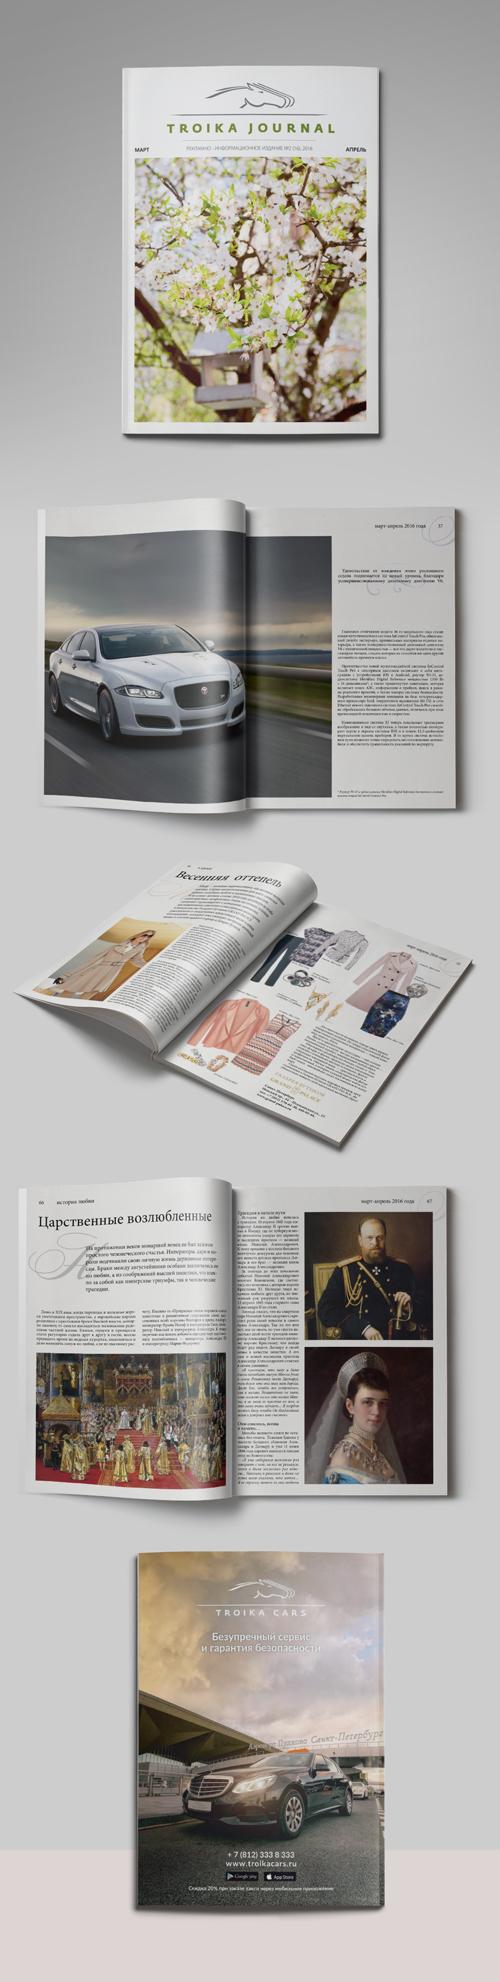 Дизайн и верстка журнала Troika